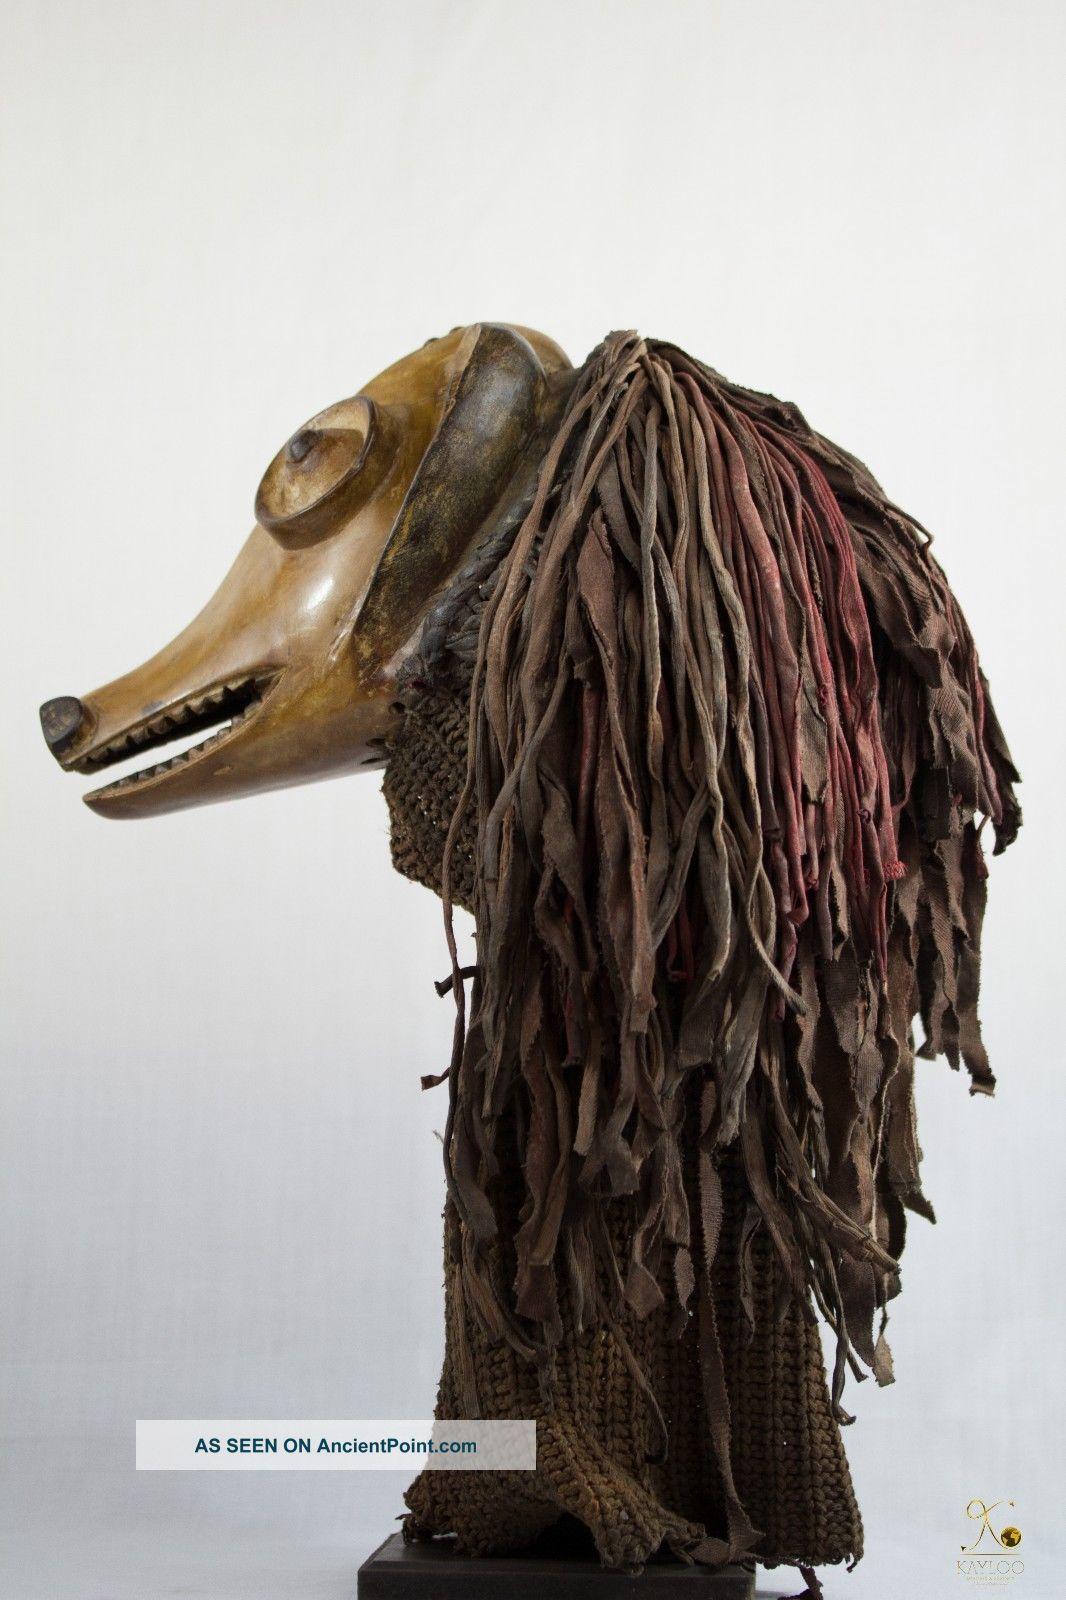 Chokwe Unusual Animal African Mask - Congo Drc Masks photo